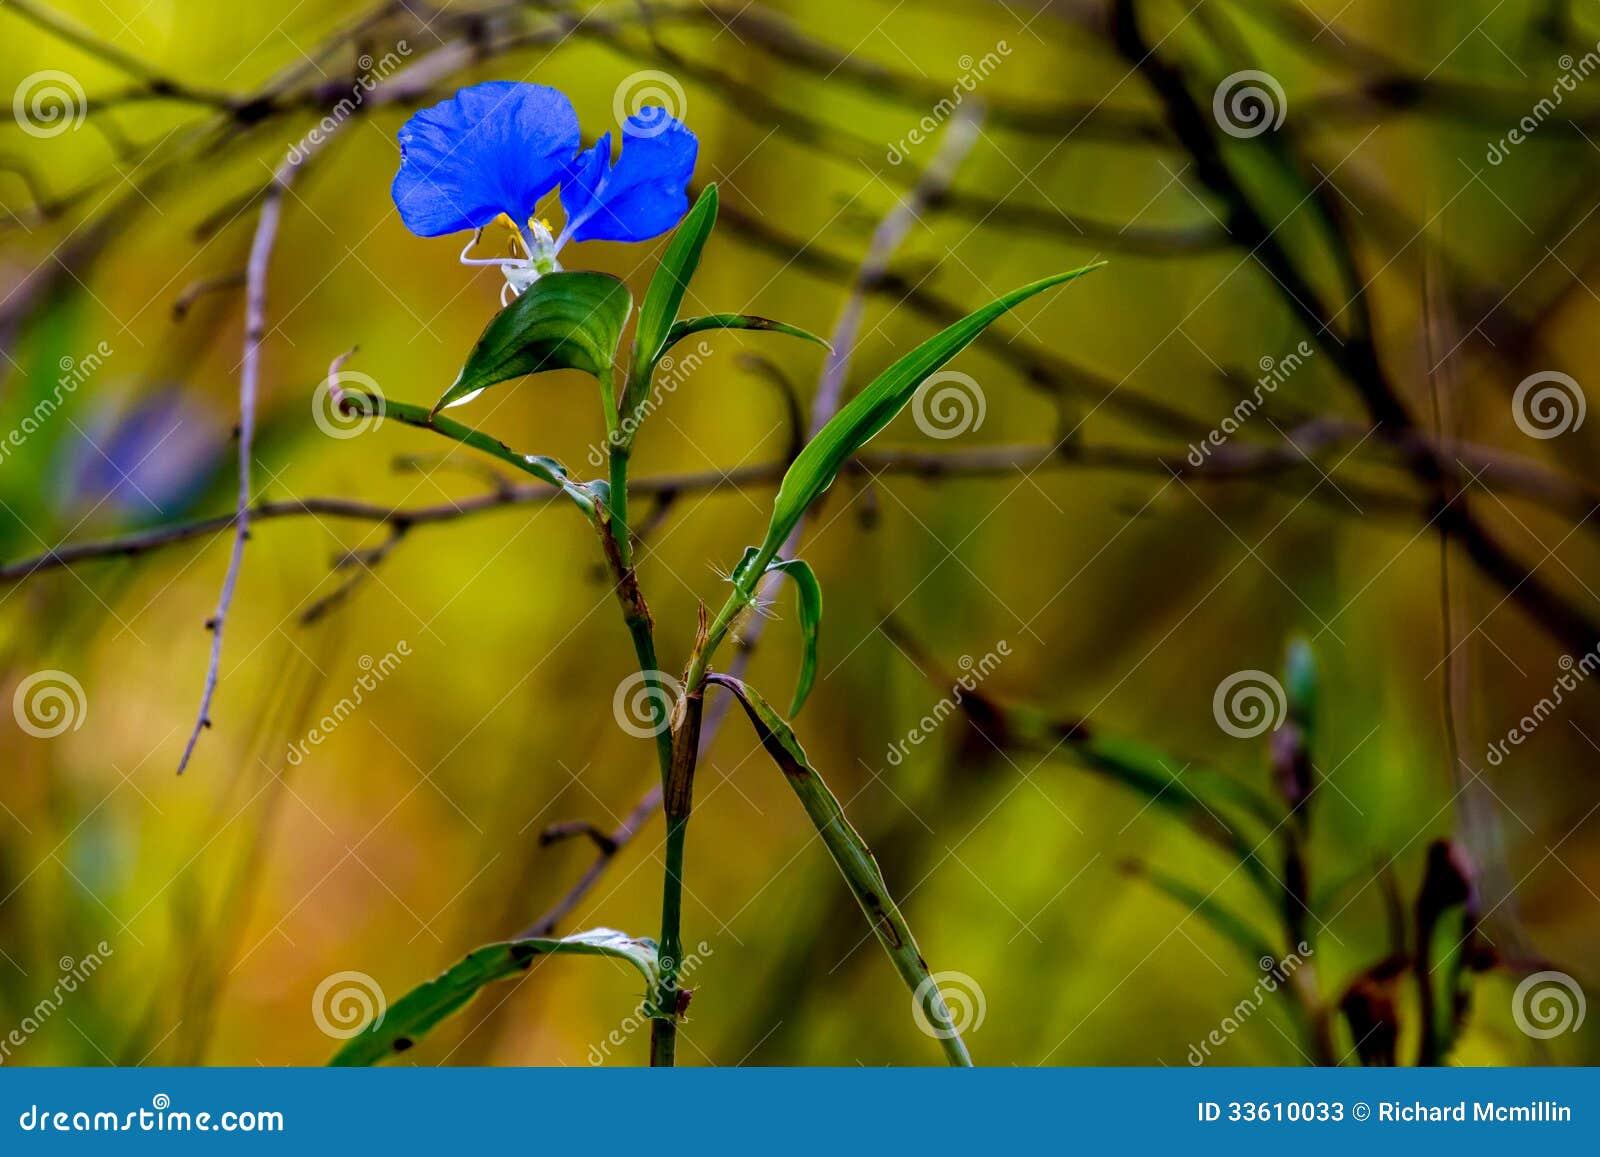 生长一朵美丽的蓝色笔直鸭跖草(Commelina erecta)的野花狂放在狂放的得克萨斯大草原